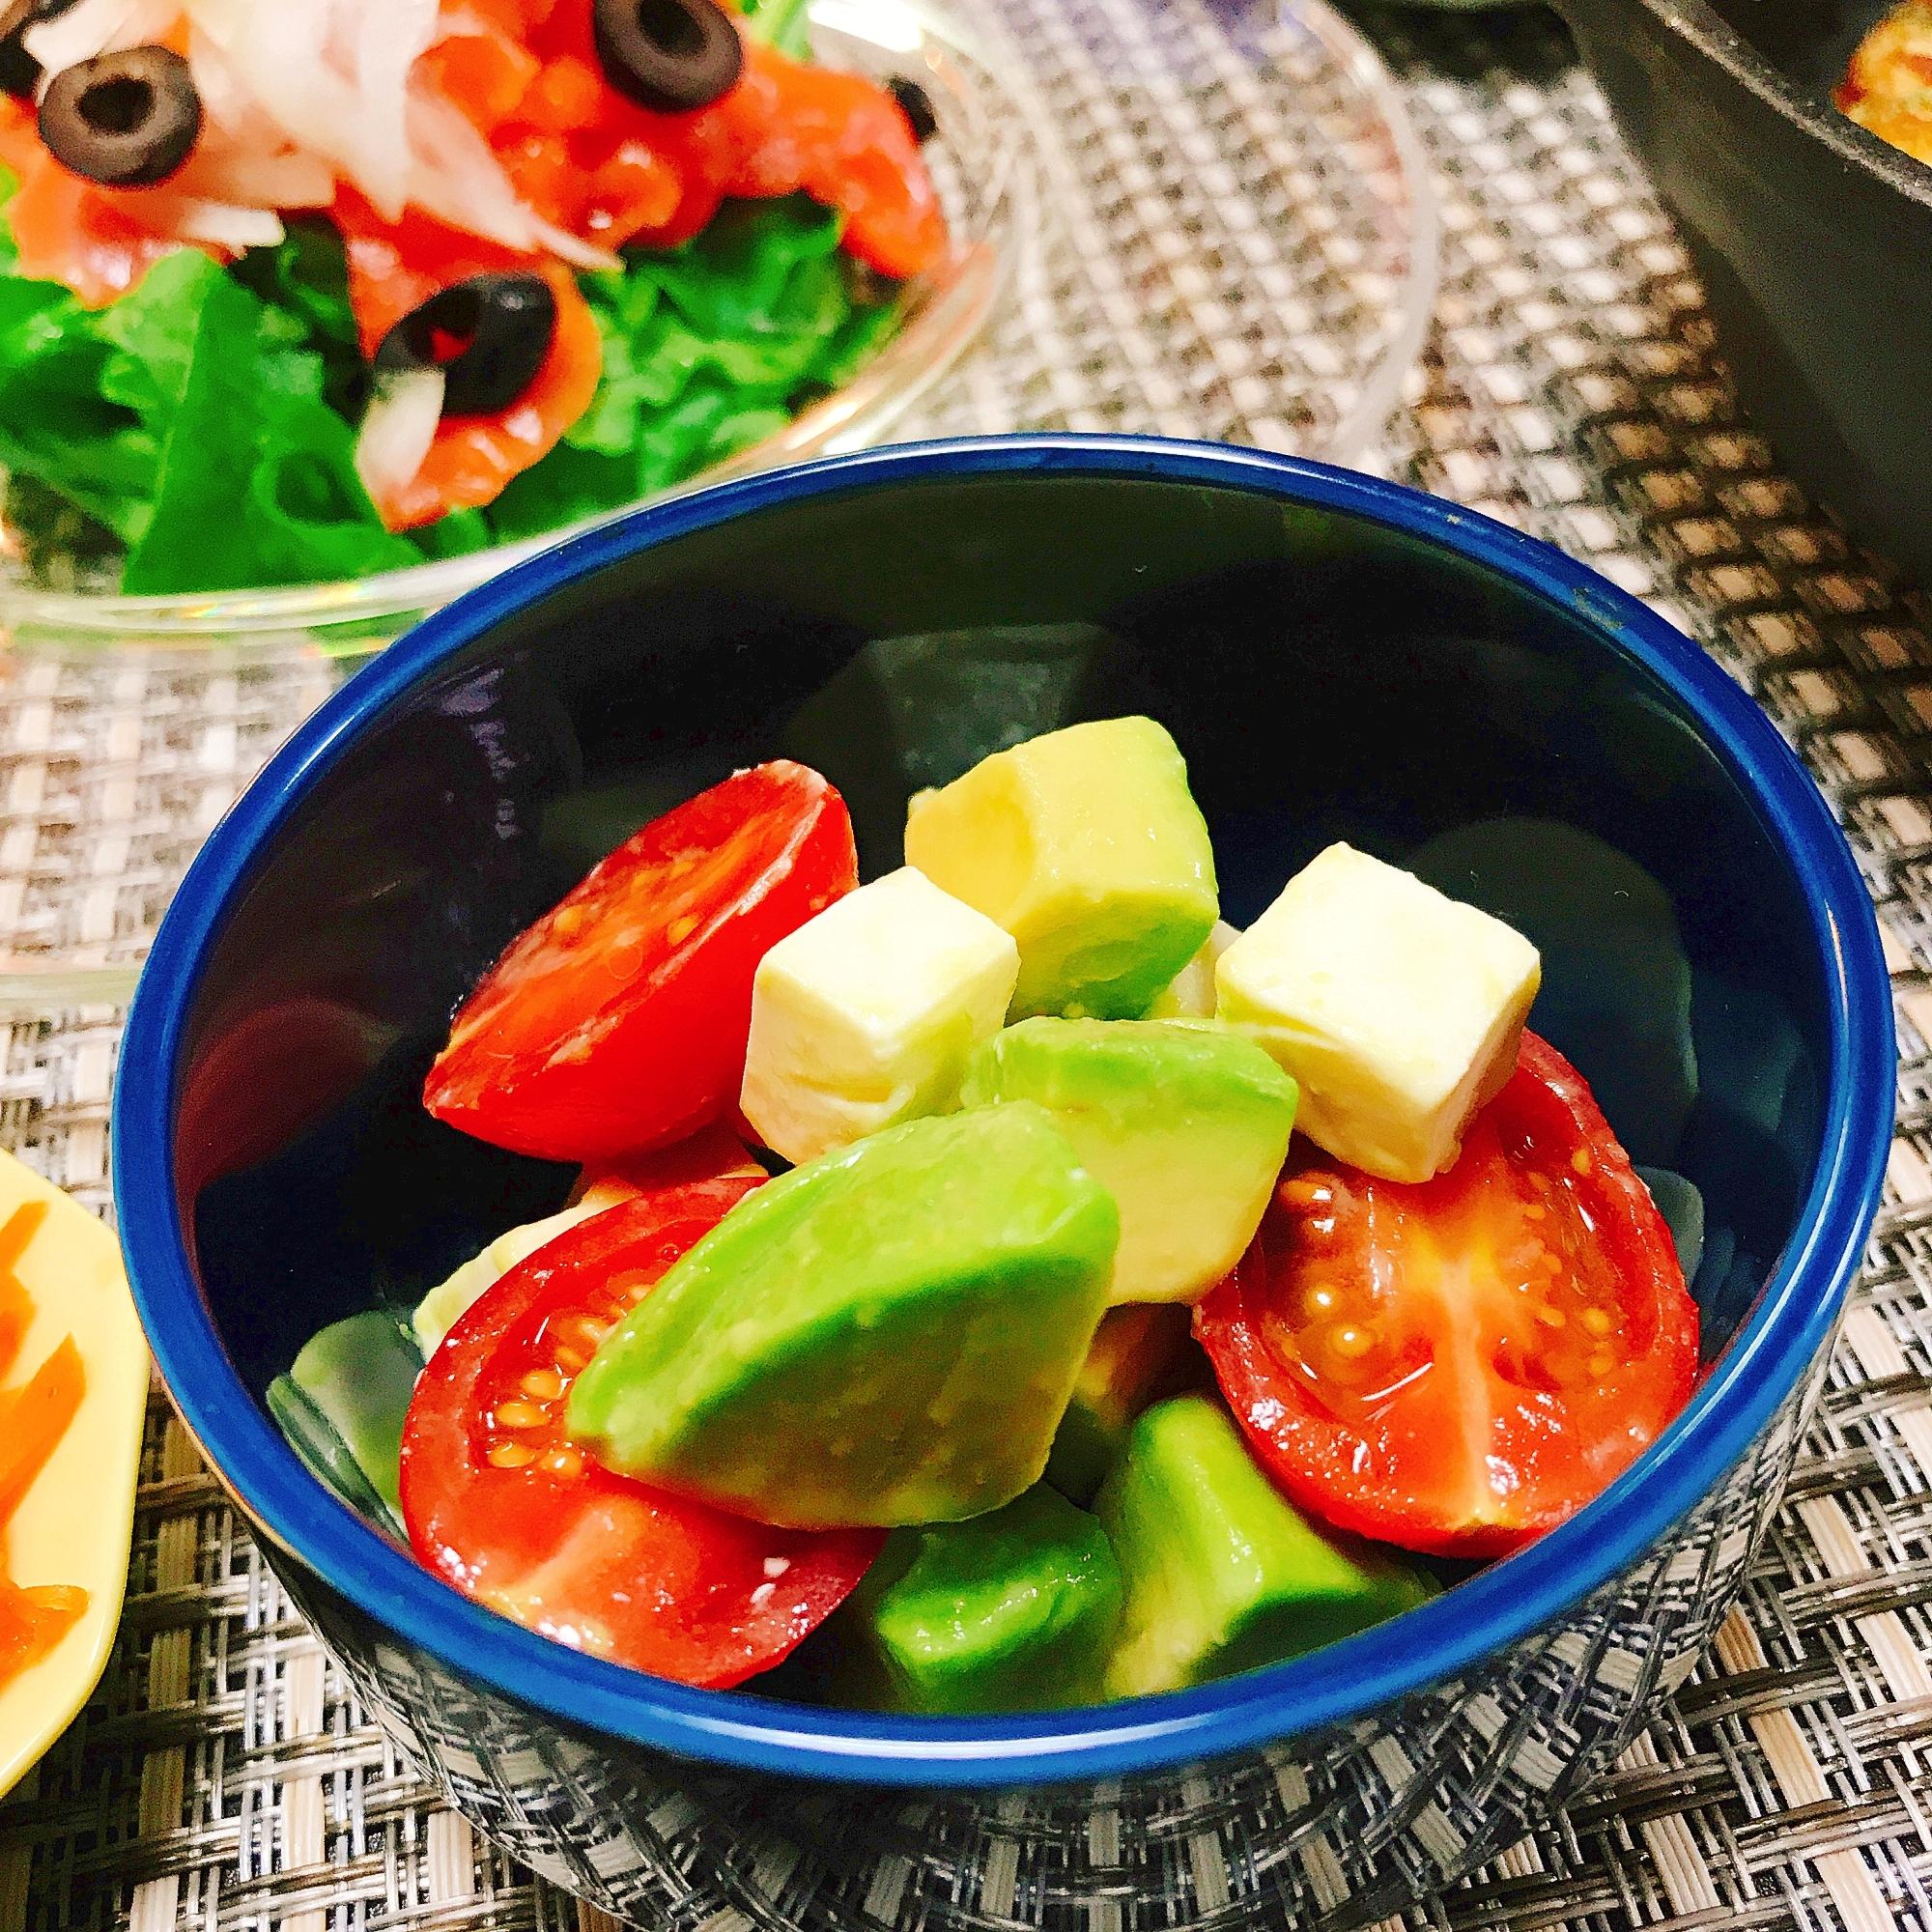 青い皿に入ったアボカドとミニトマトとチーズのサラダ、黒のチェックのクロス